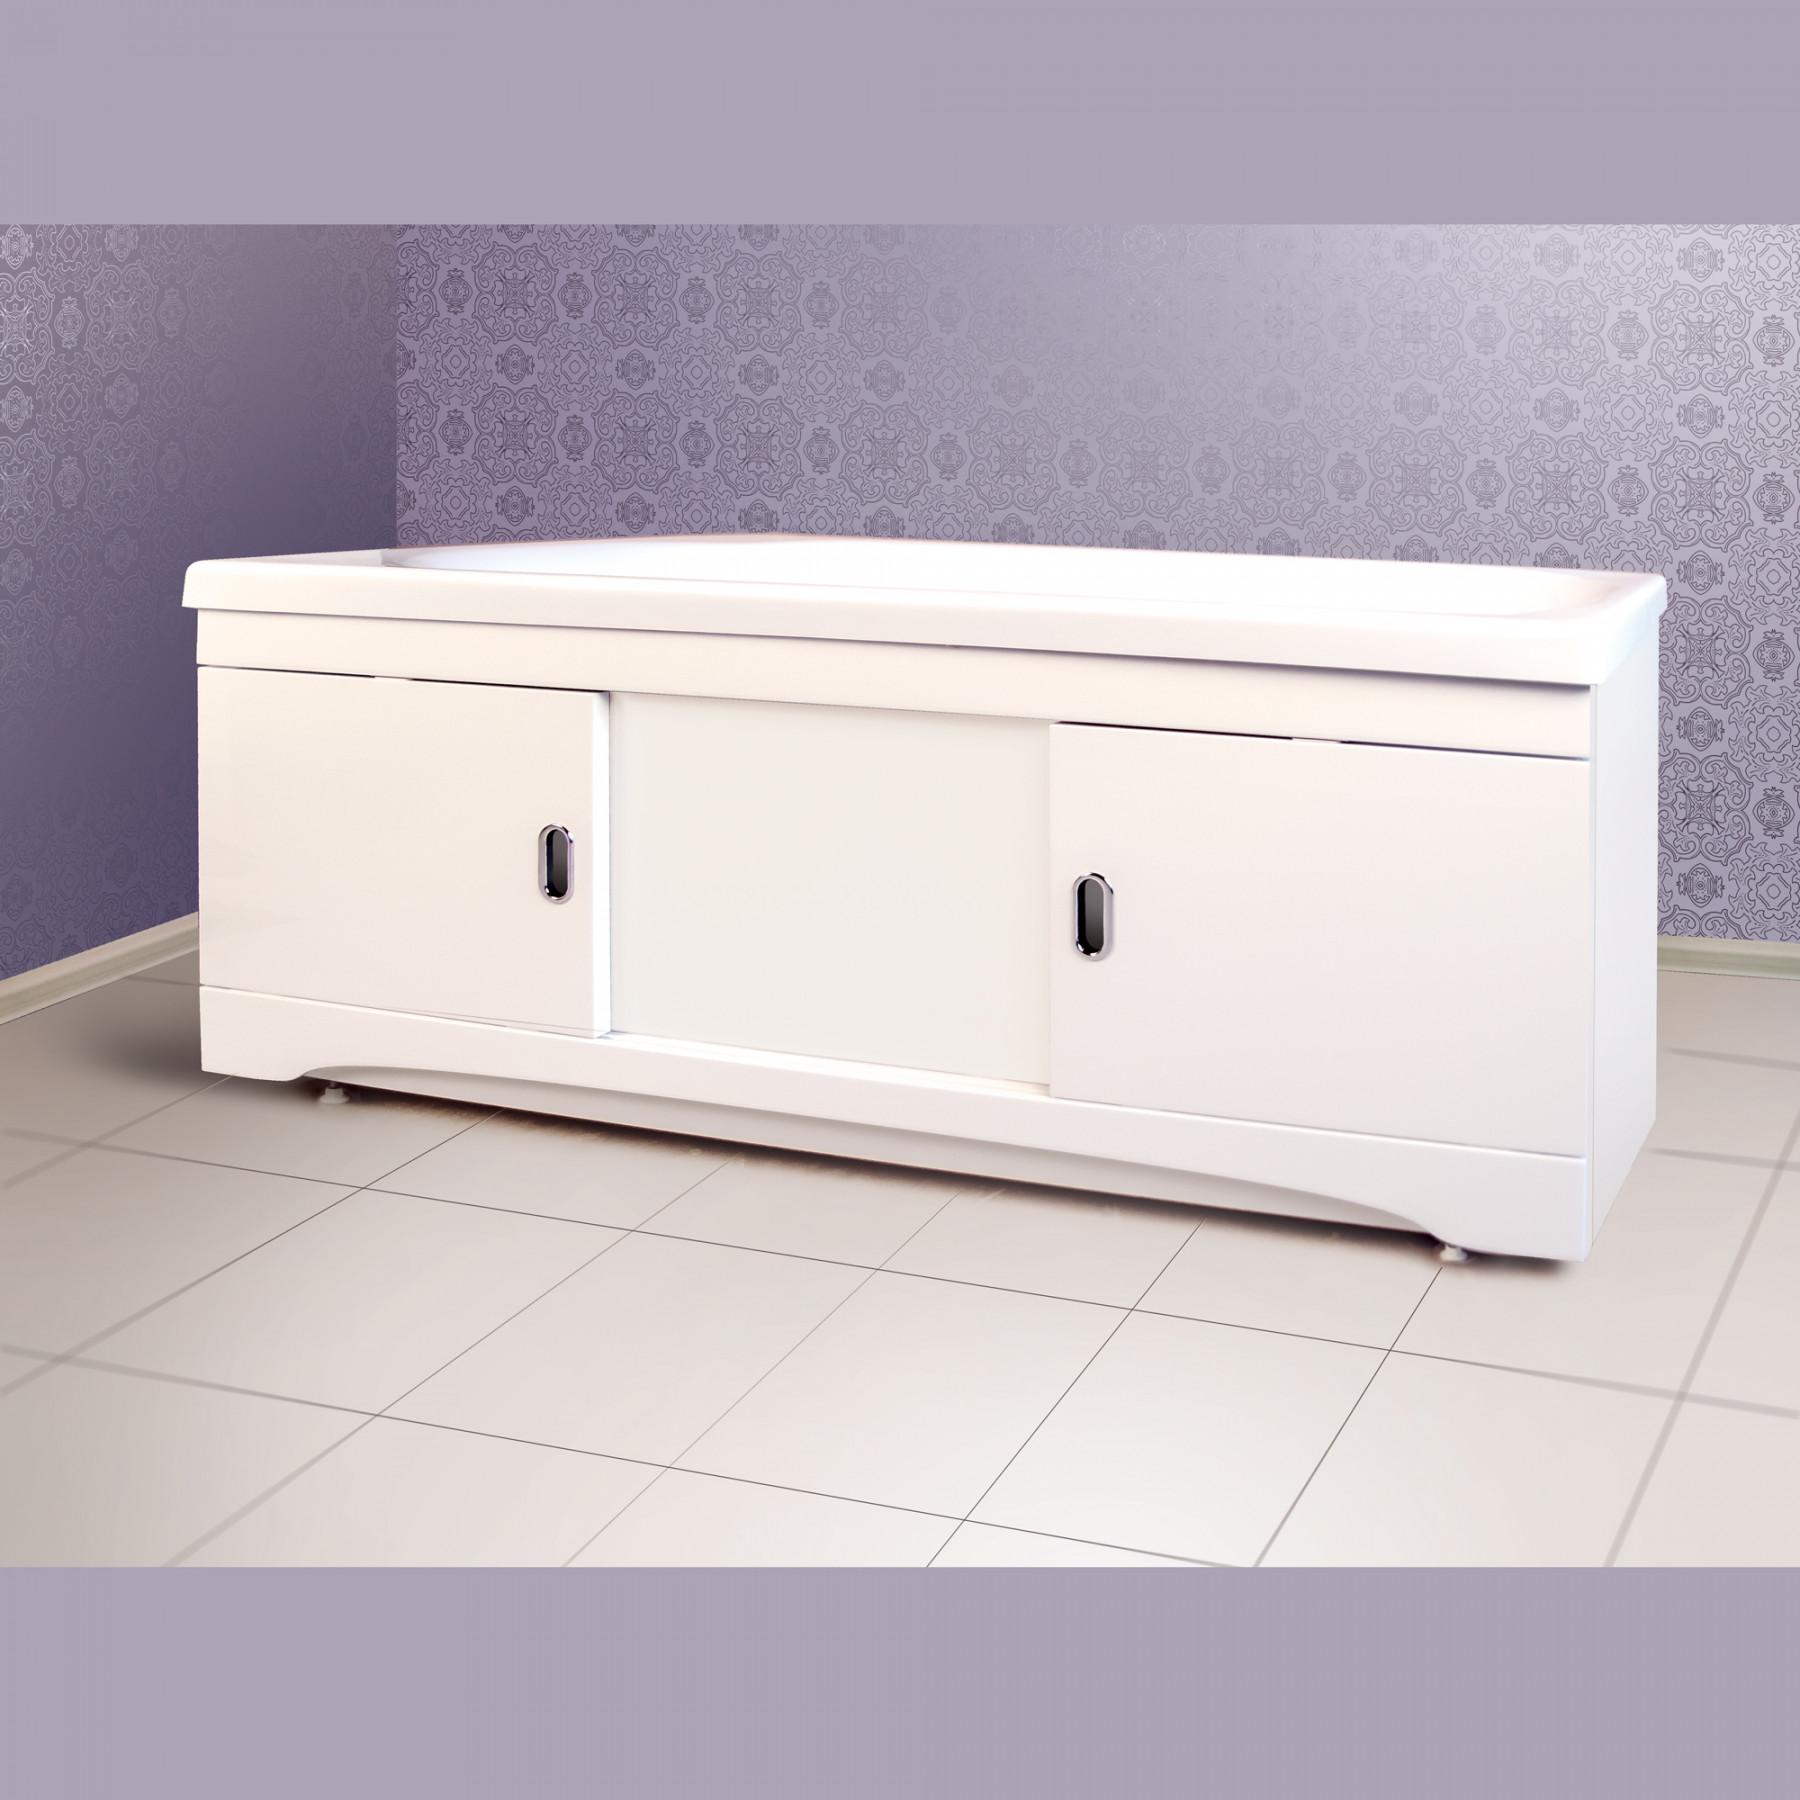 Экран под ванну раздвижной 160 см МДФ белый